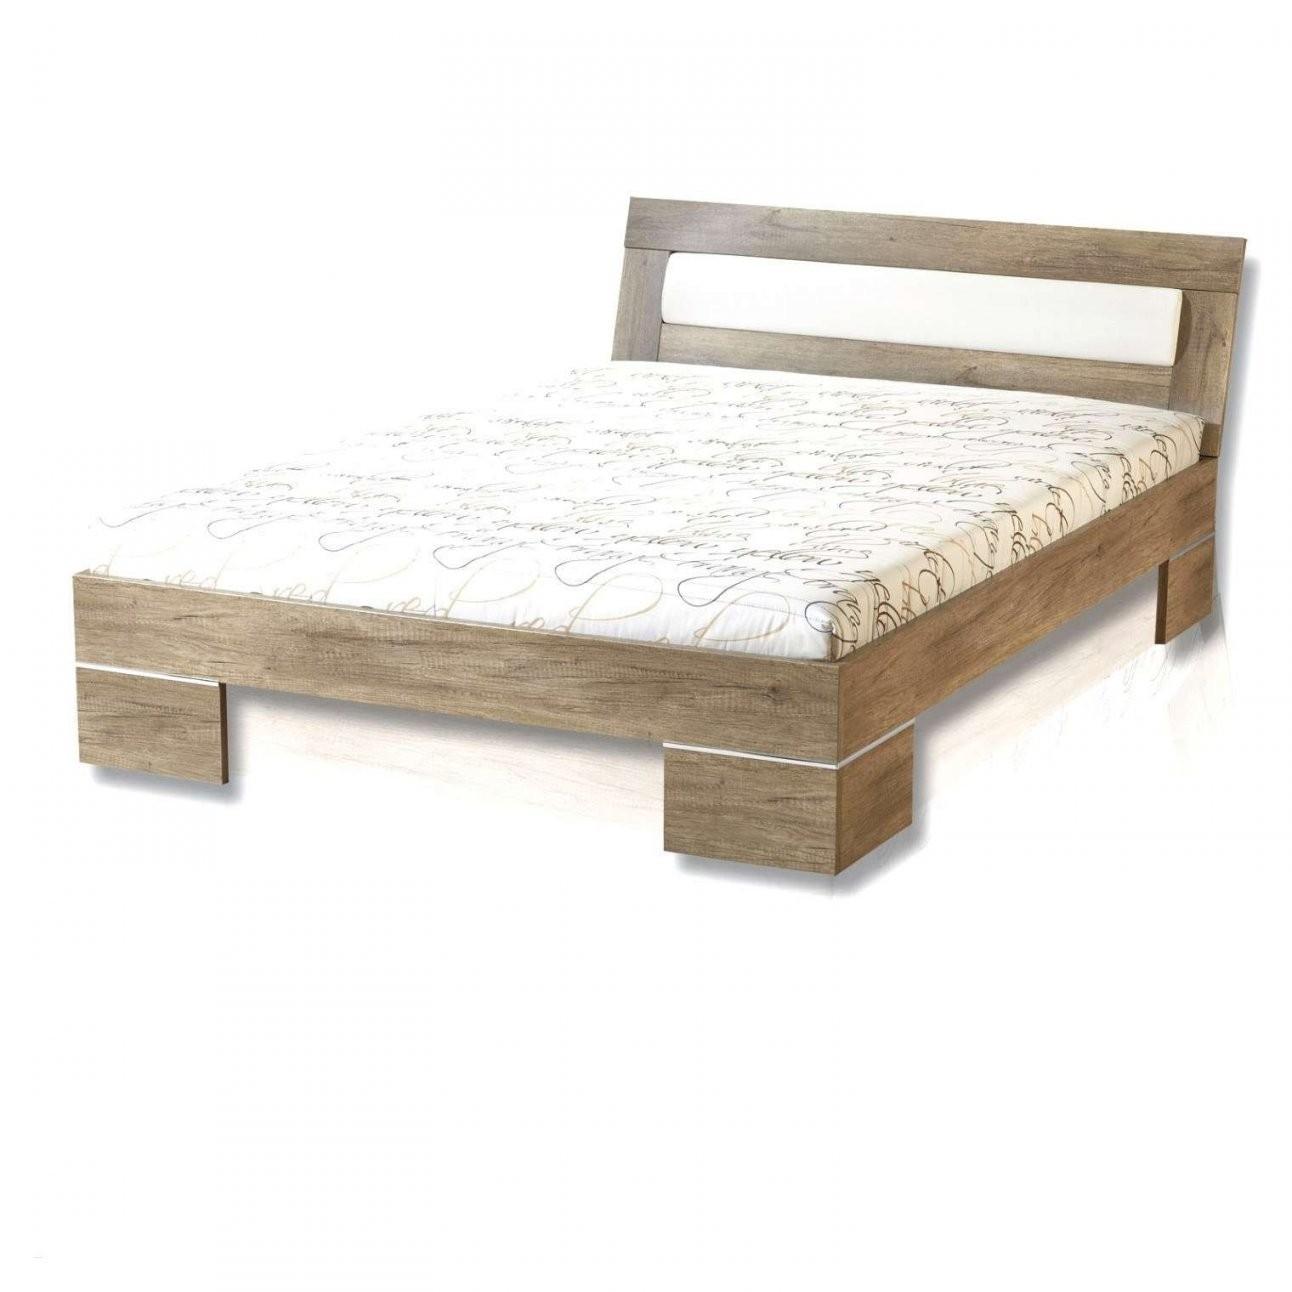 Doppelbett Gebraucht Neu 50 Neu Stabiles Bett 140×200 Stock von Bettgestell 140X200 Gebraucht Bild